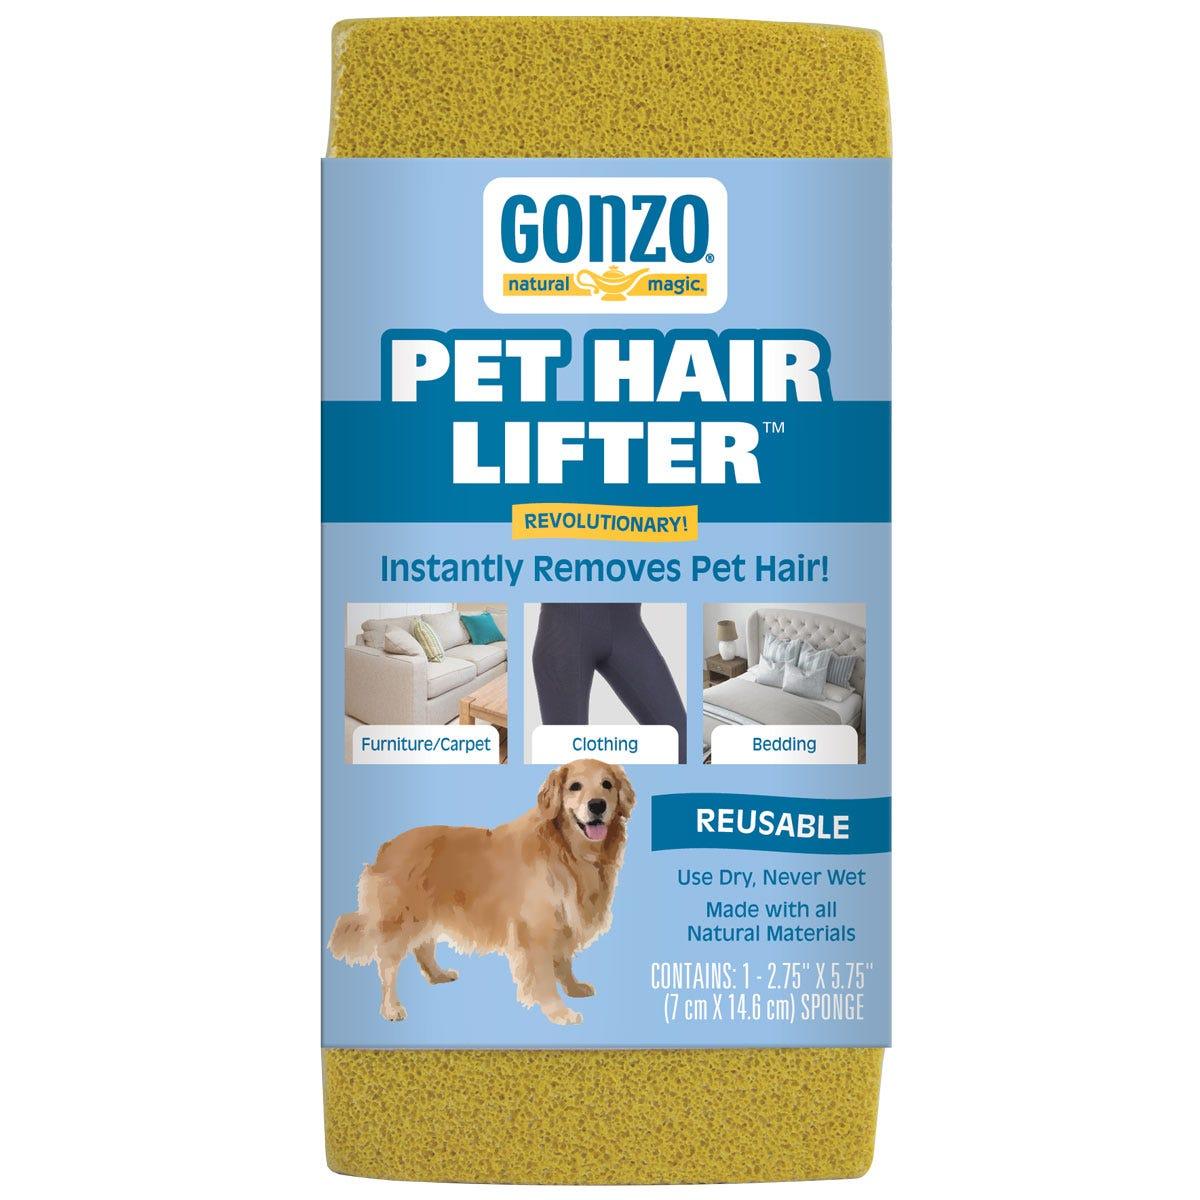 https://googone.com/media/catalog/product/p/e/pet-hair-lifter-sponger_front.jpg